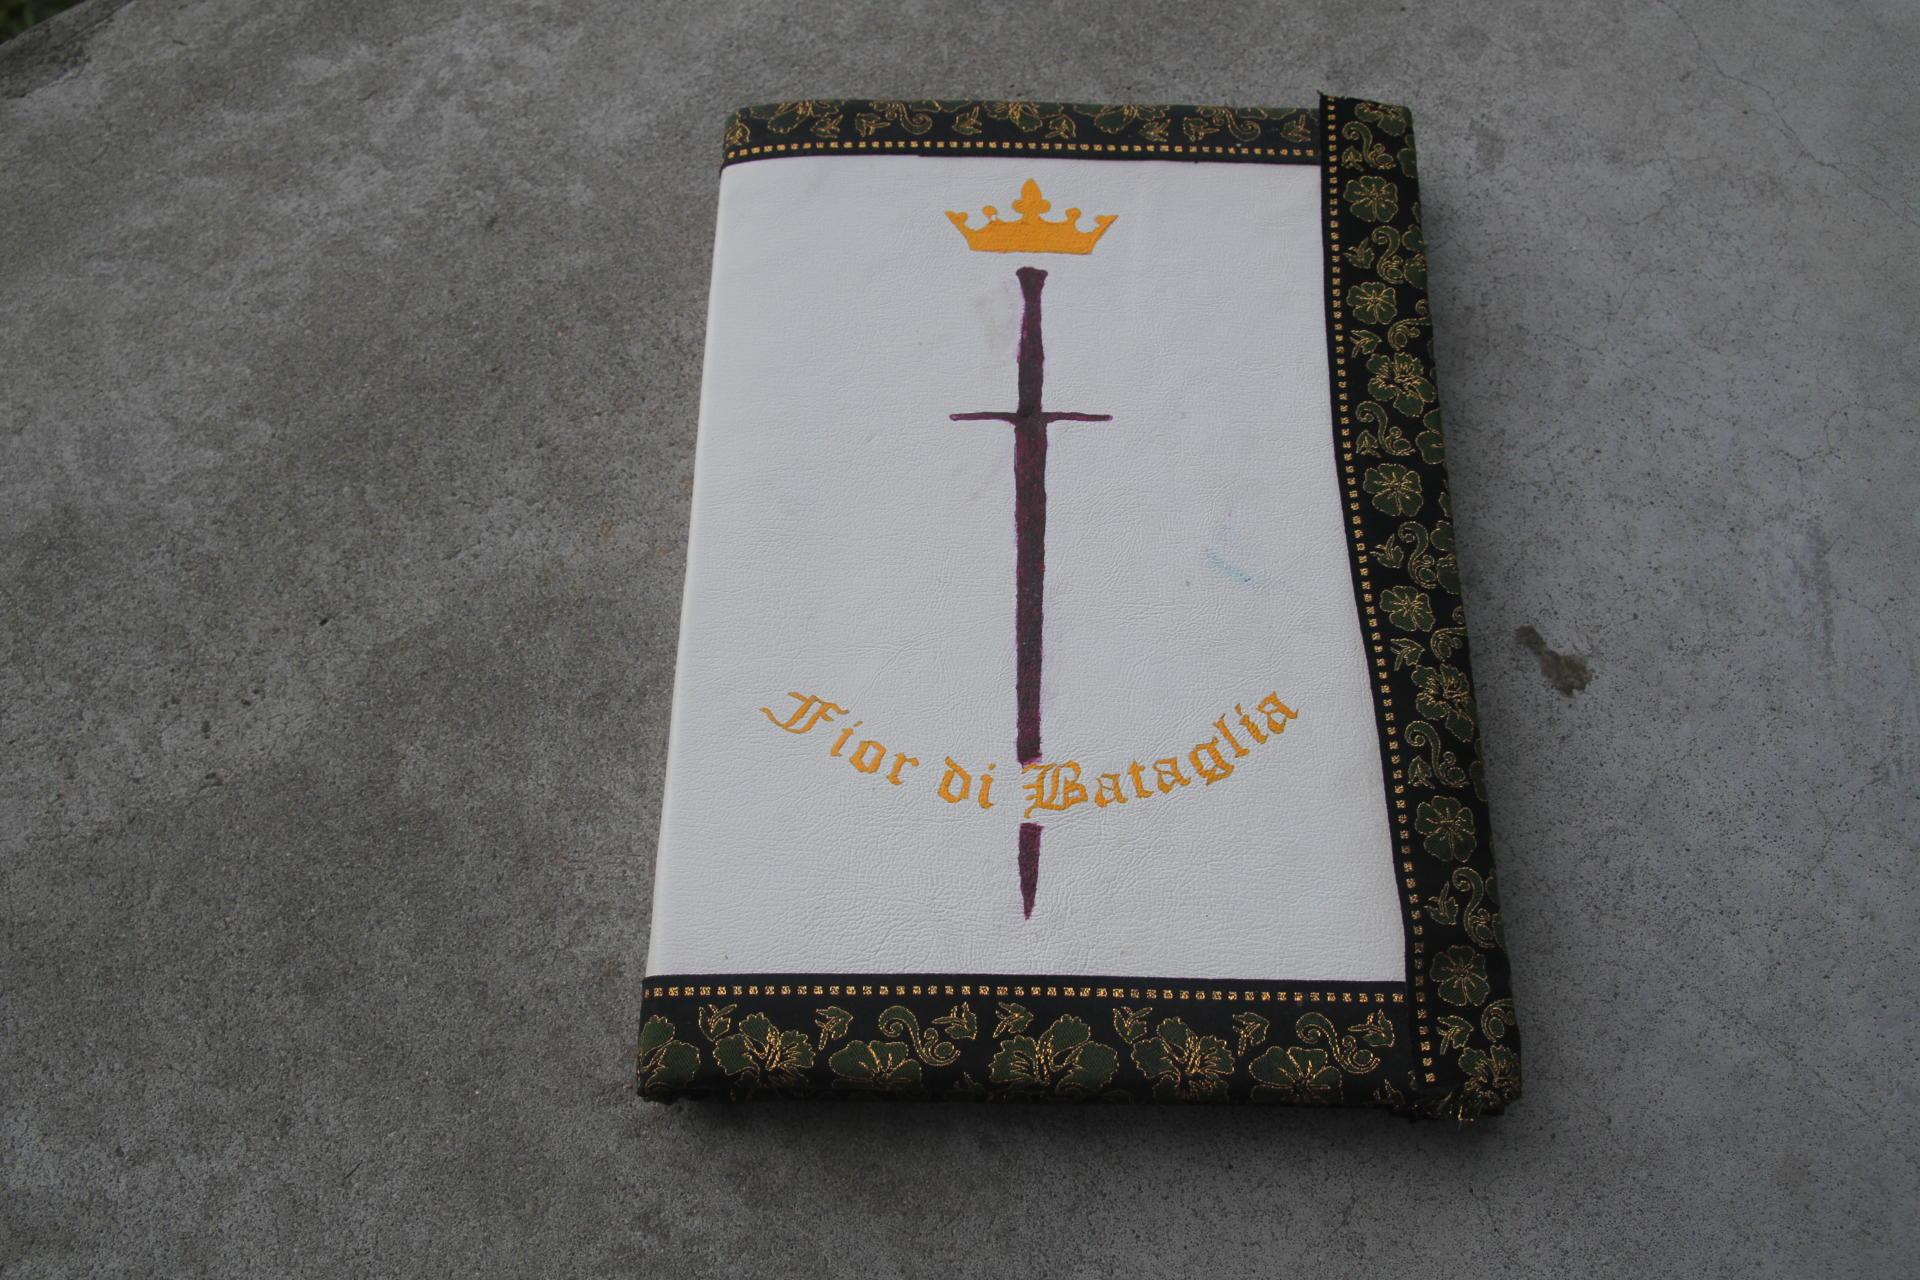 Foto mostra a capa do manual utilizado para a atividade